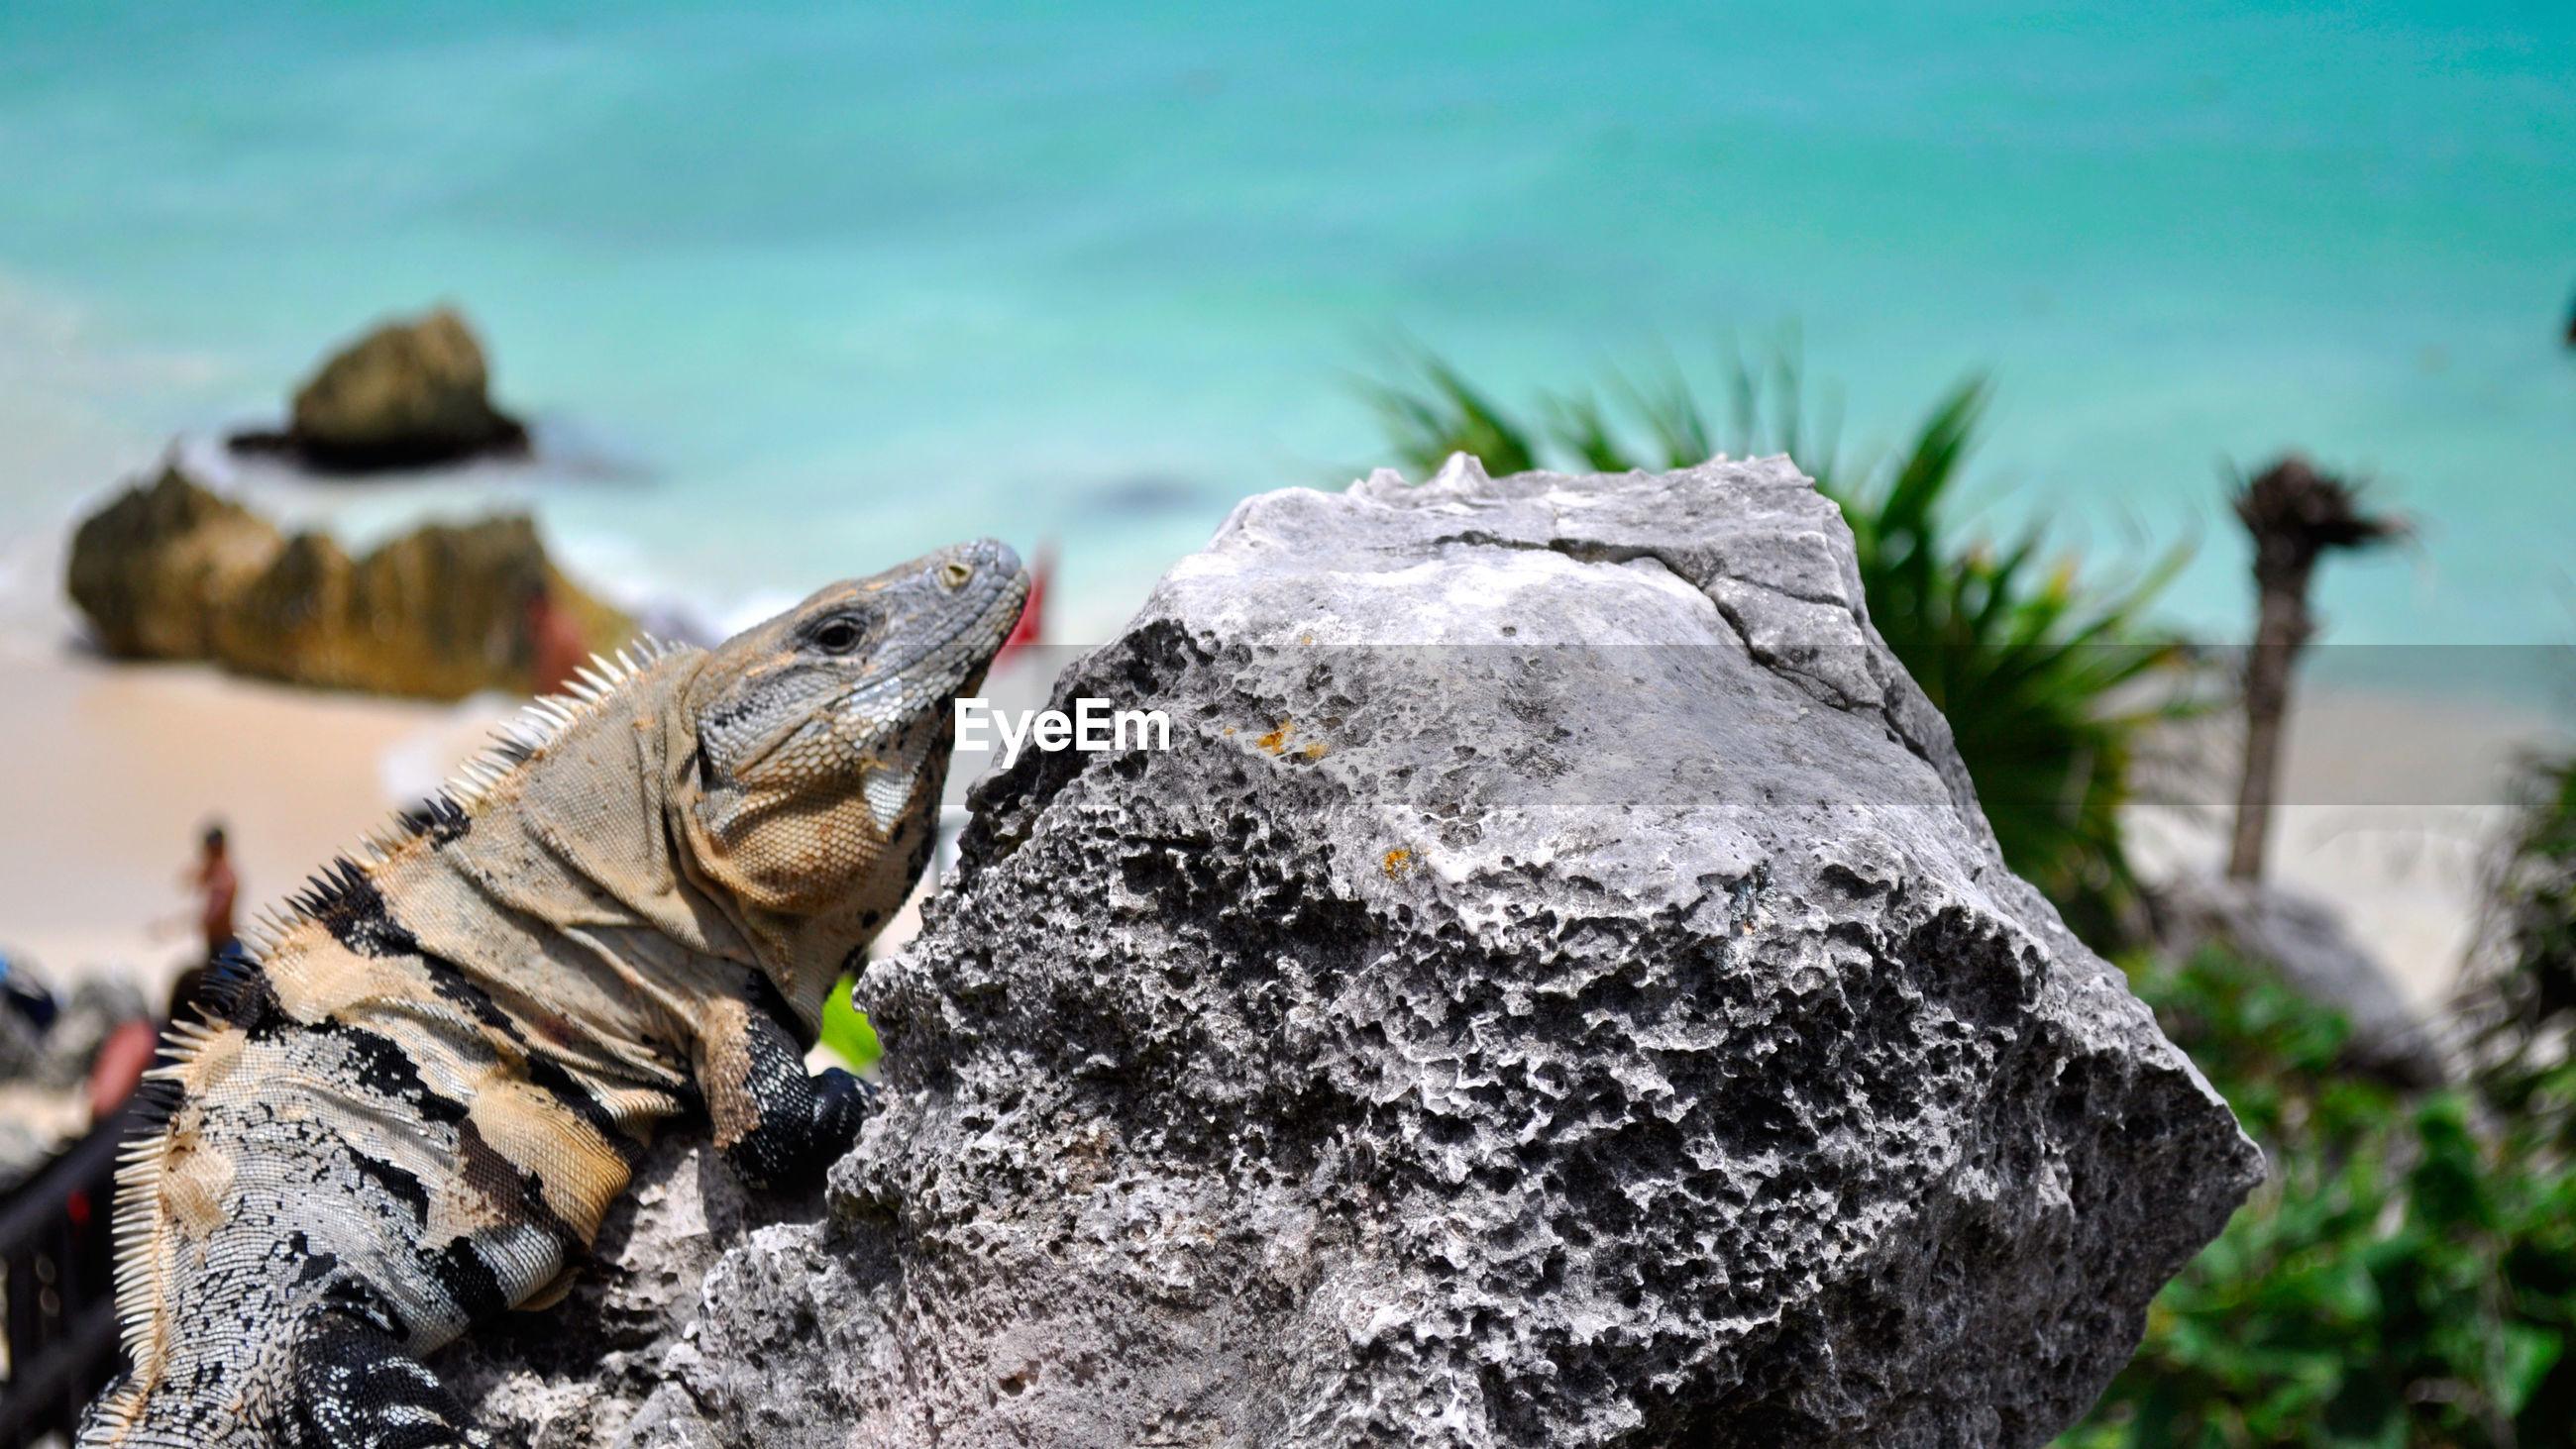 Iguana on rock during sunny day